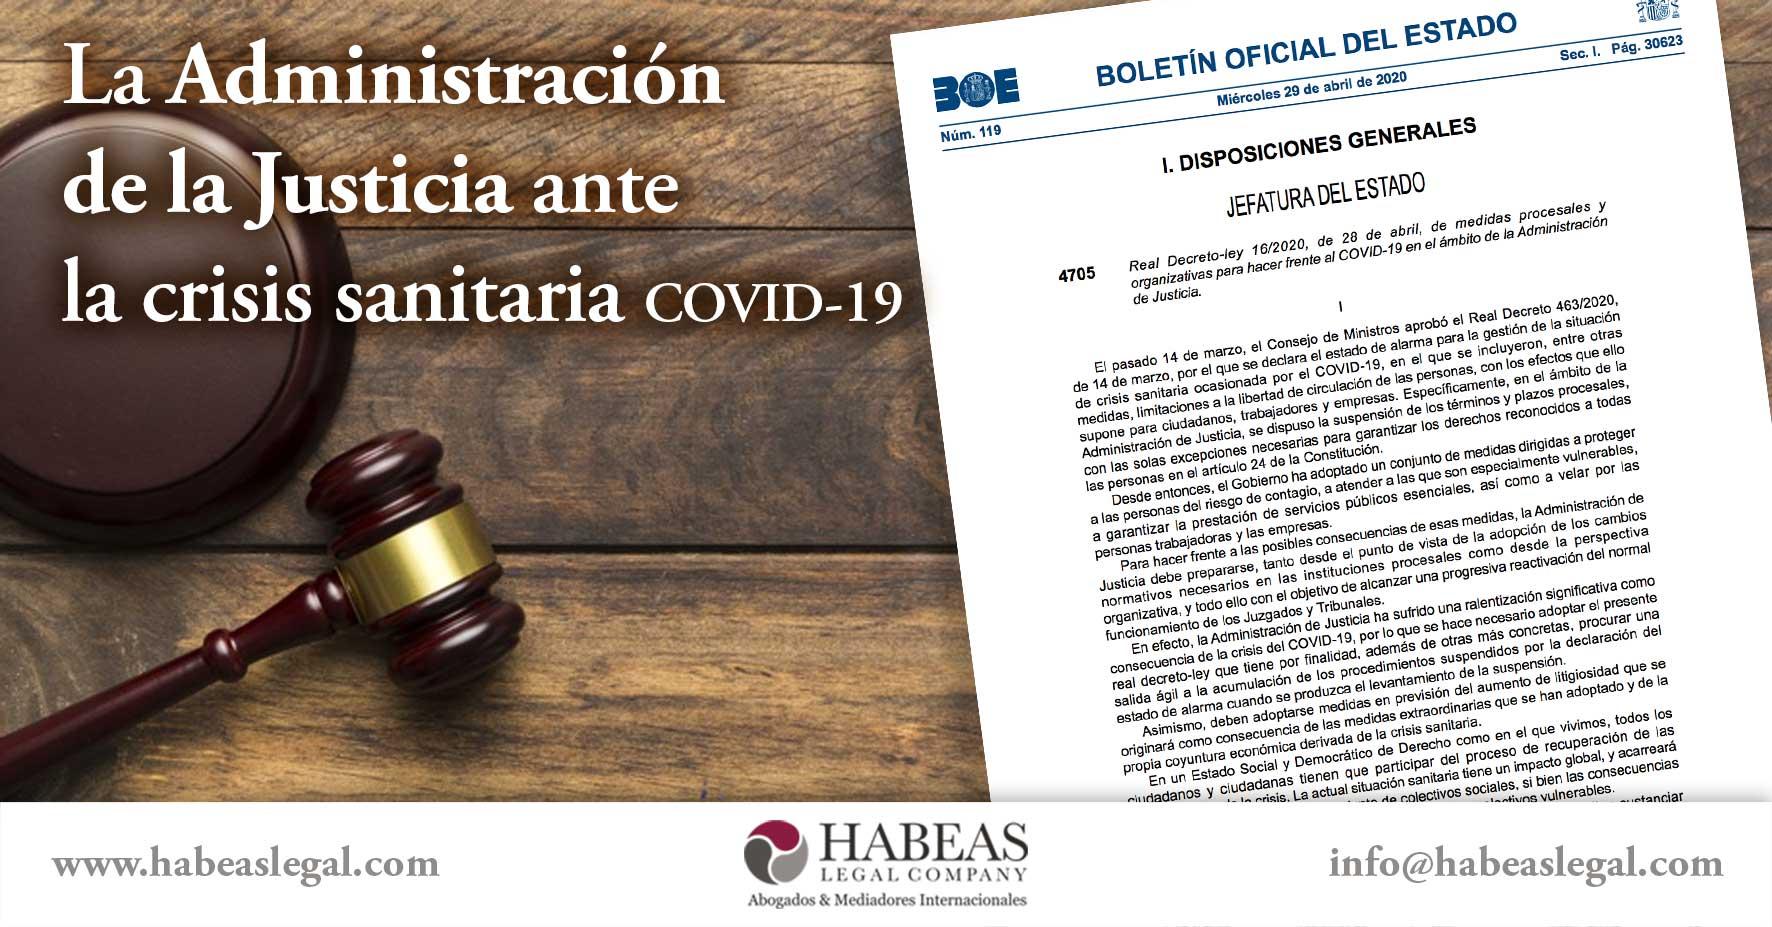 La administración de la justicia ante la crisis sanitaria covid-19 en España